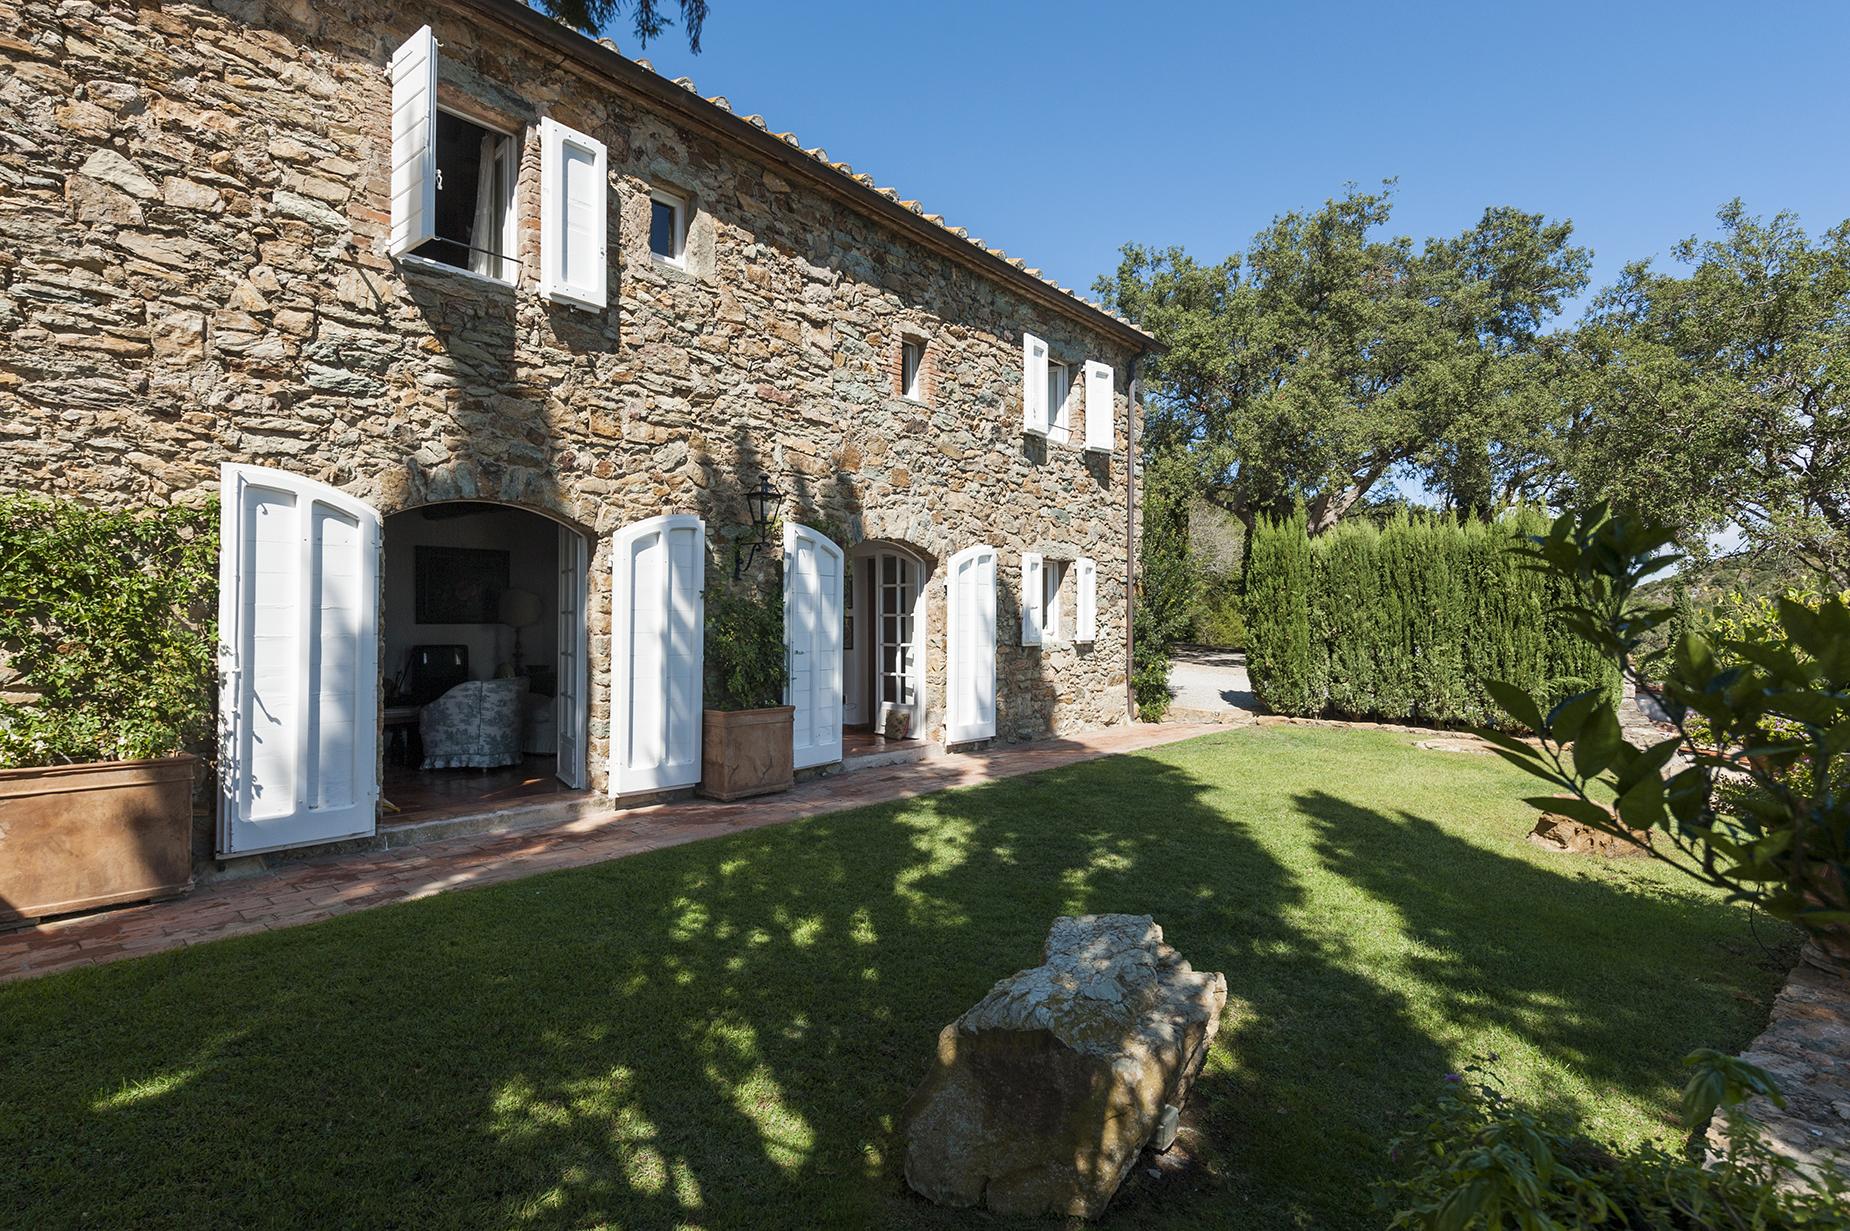 Single Family Home for Sale at Wonderful stone villa in Monte Argentario Porto Ercole, Grosseto Italy